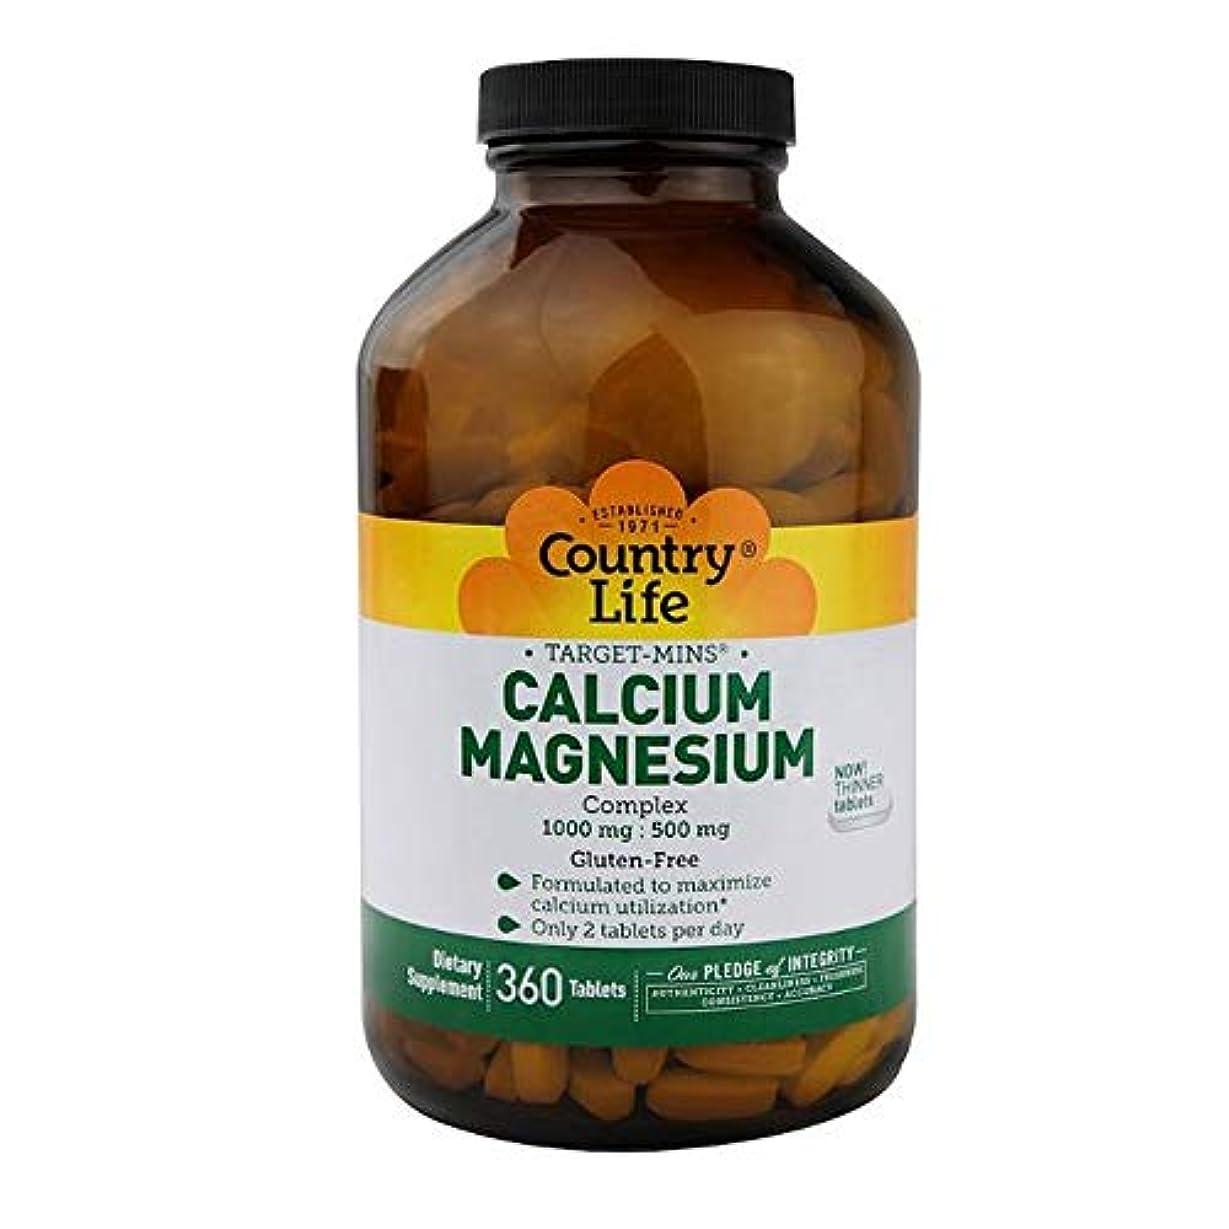 気まぐれな置くためにパック不健康Country Life ターゲット ミネラル カルシウム マグネシウム 複合体 360錠 【アメリカ直送】